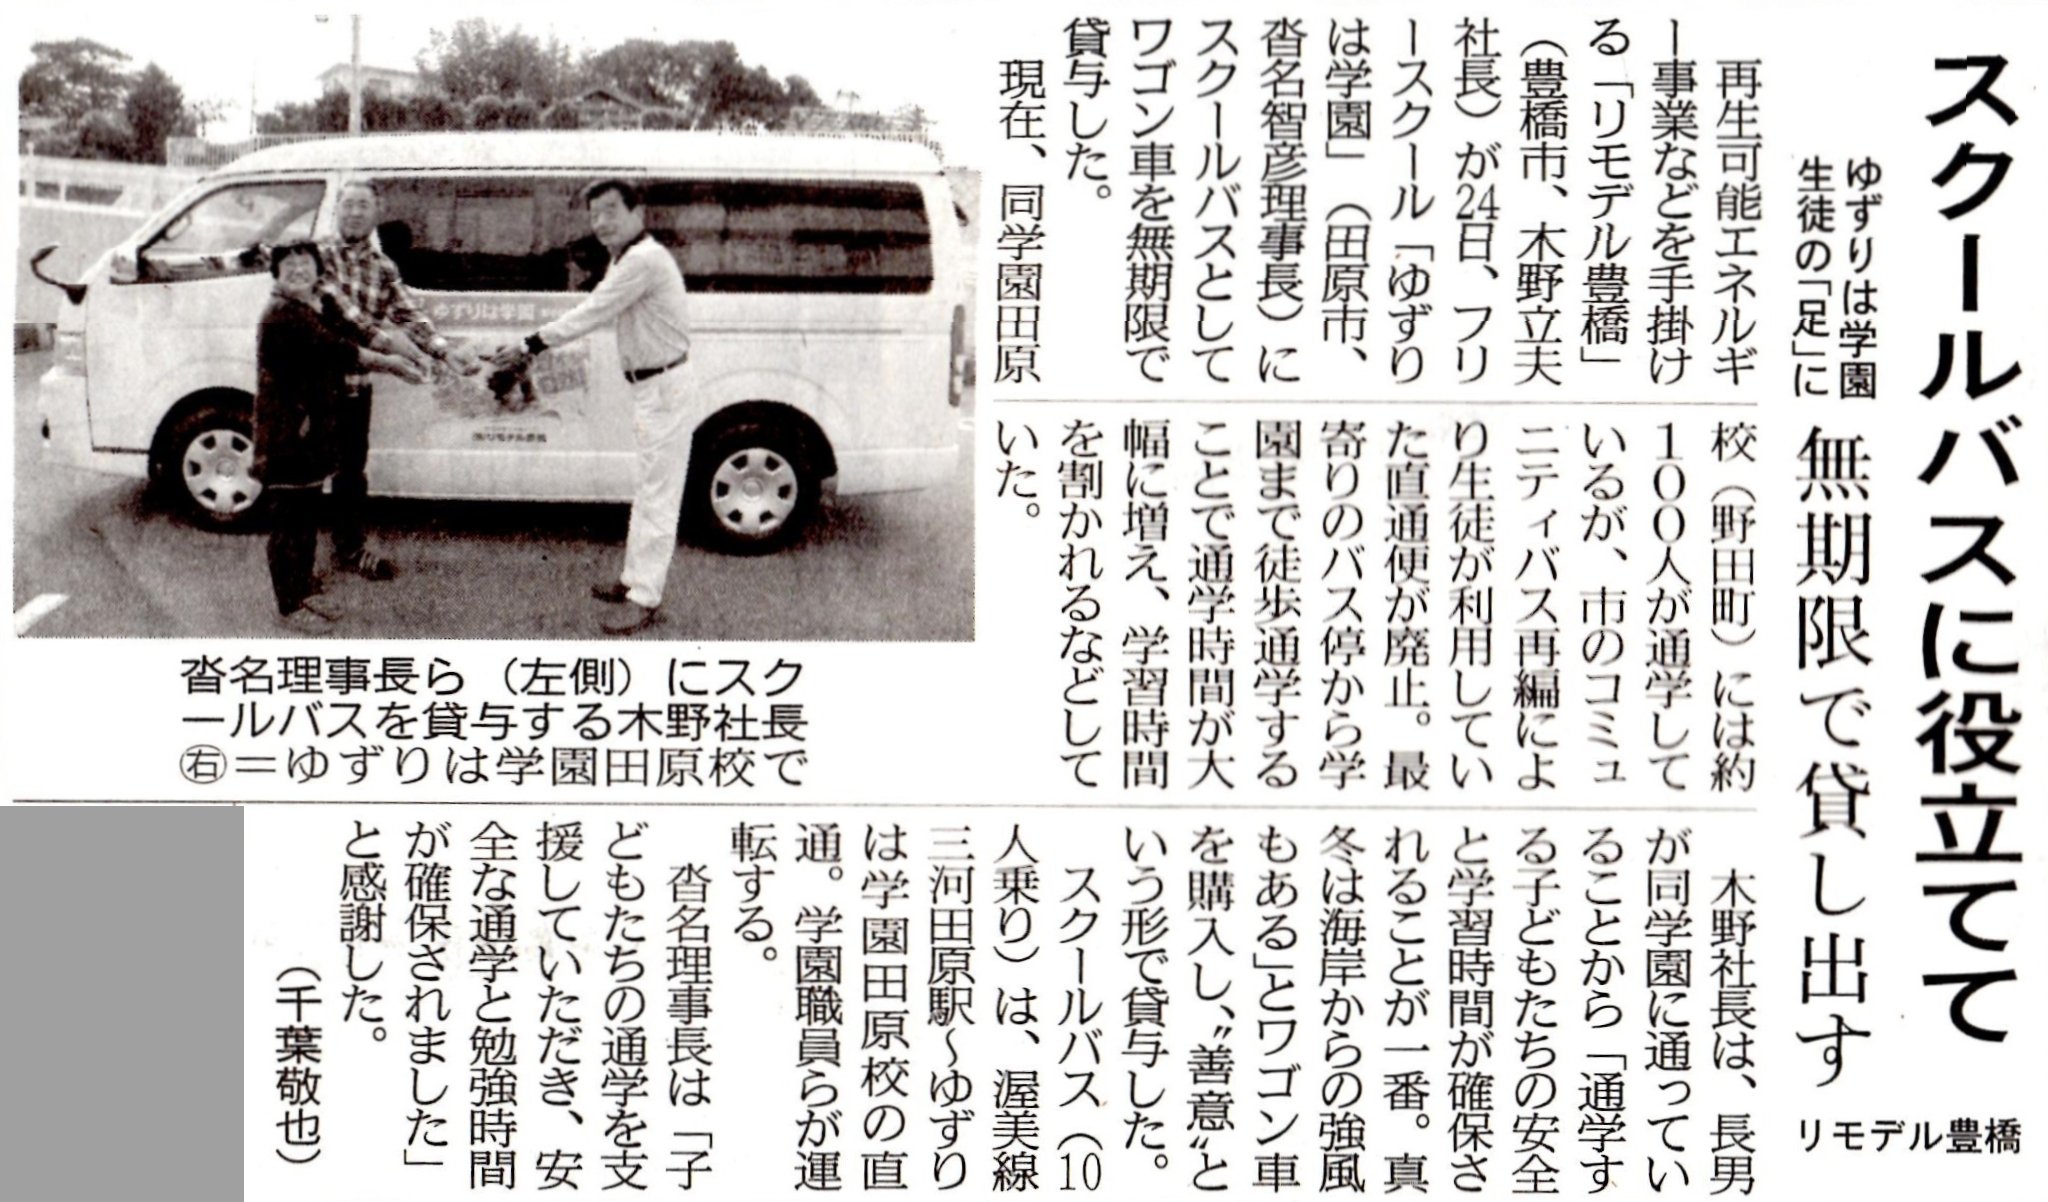 023_スクールバスに役立てて(東愛知新聞)20151025